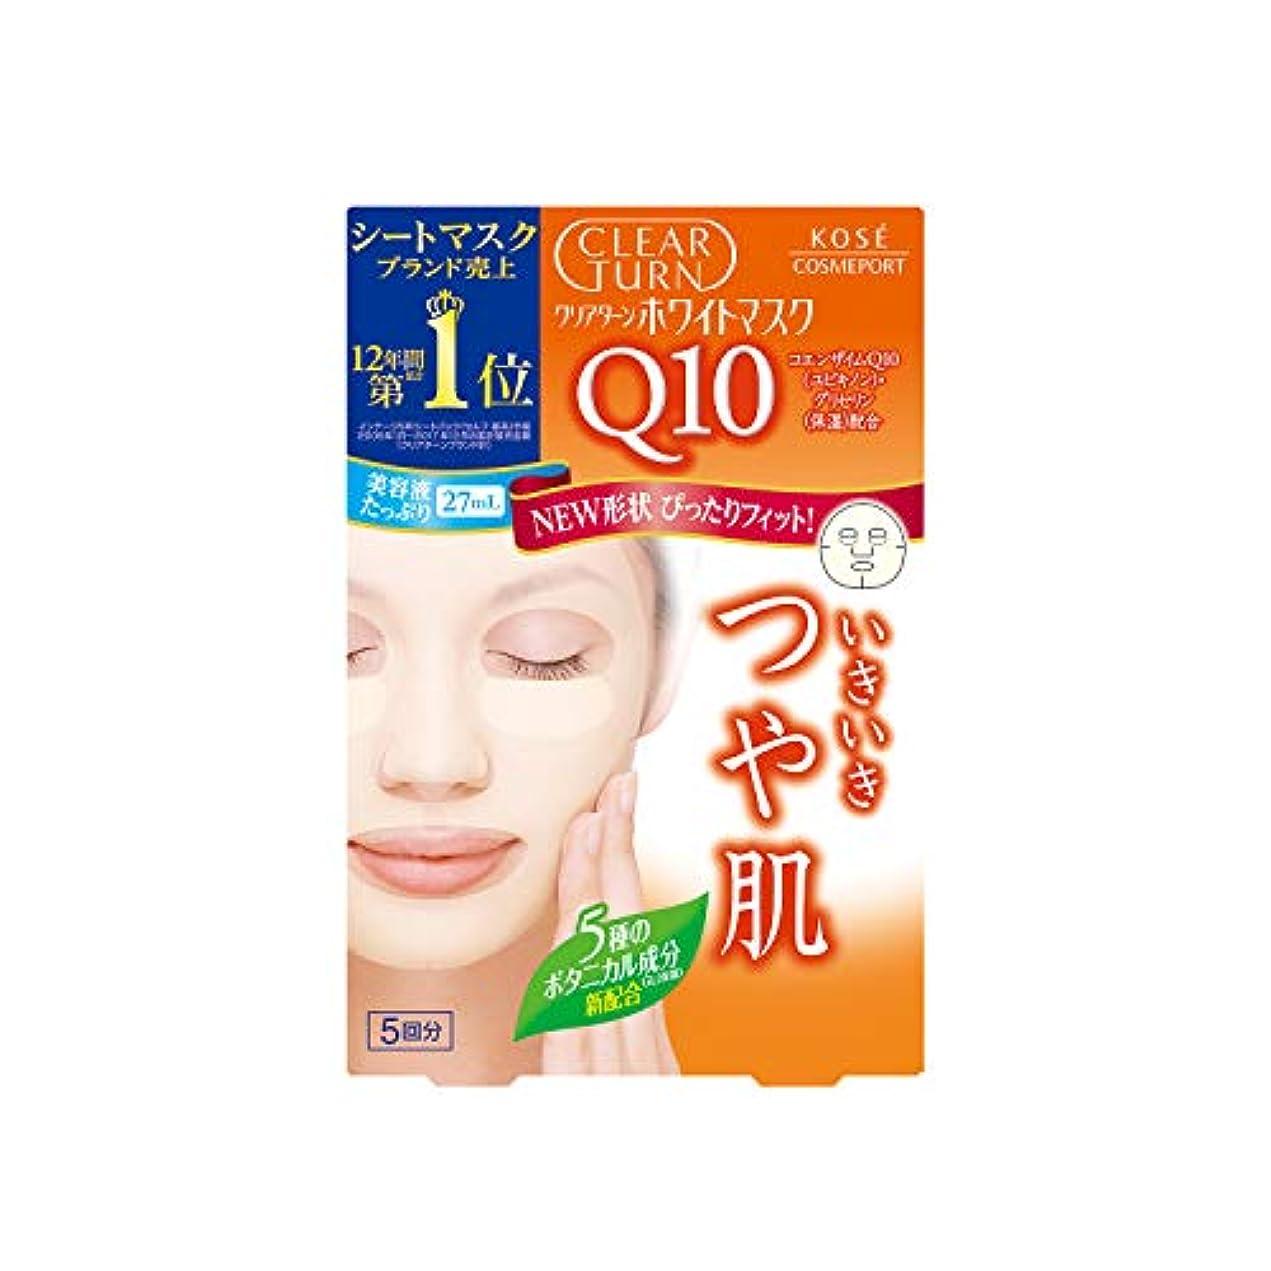 たらい十代の若者たち小道具KOSE クリアターン ホワイト マスク Q10 c (コエンザイムQ10) 5回分 (22mL×5)